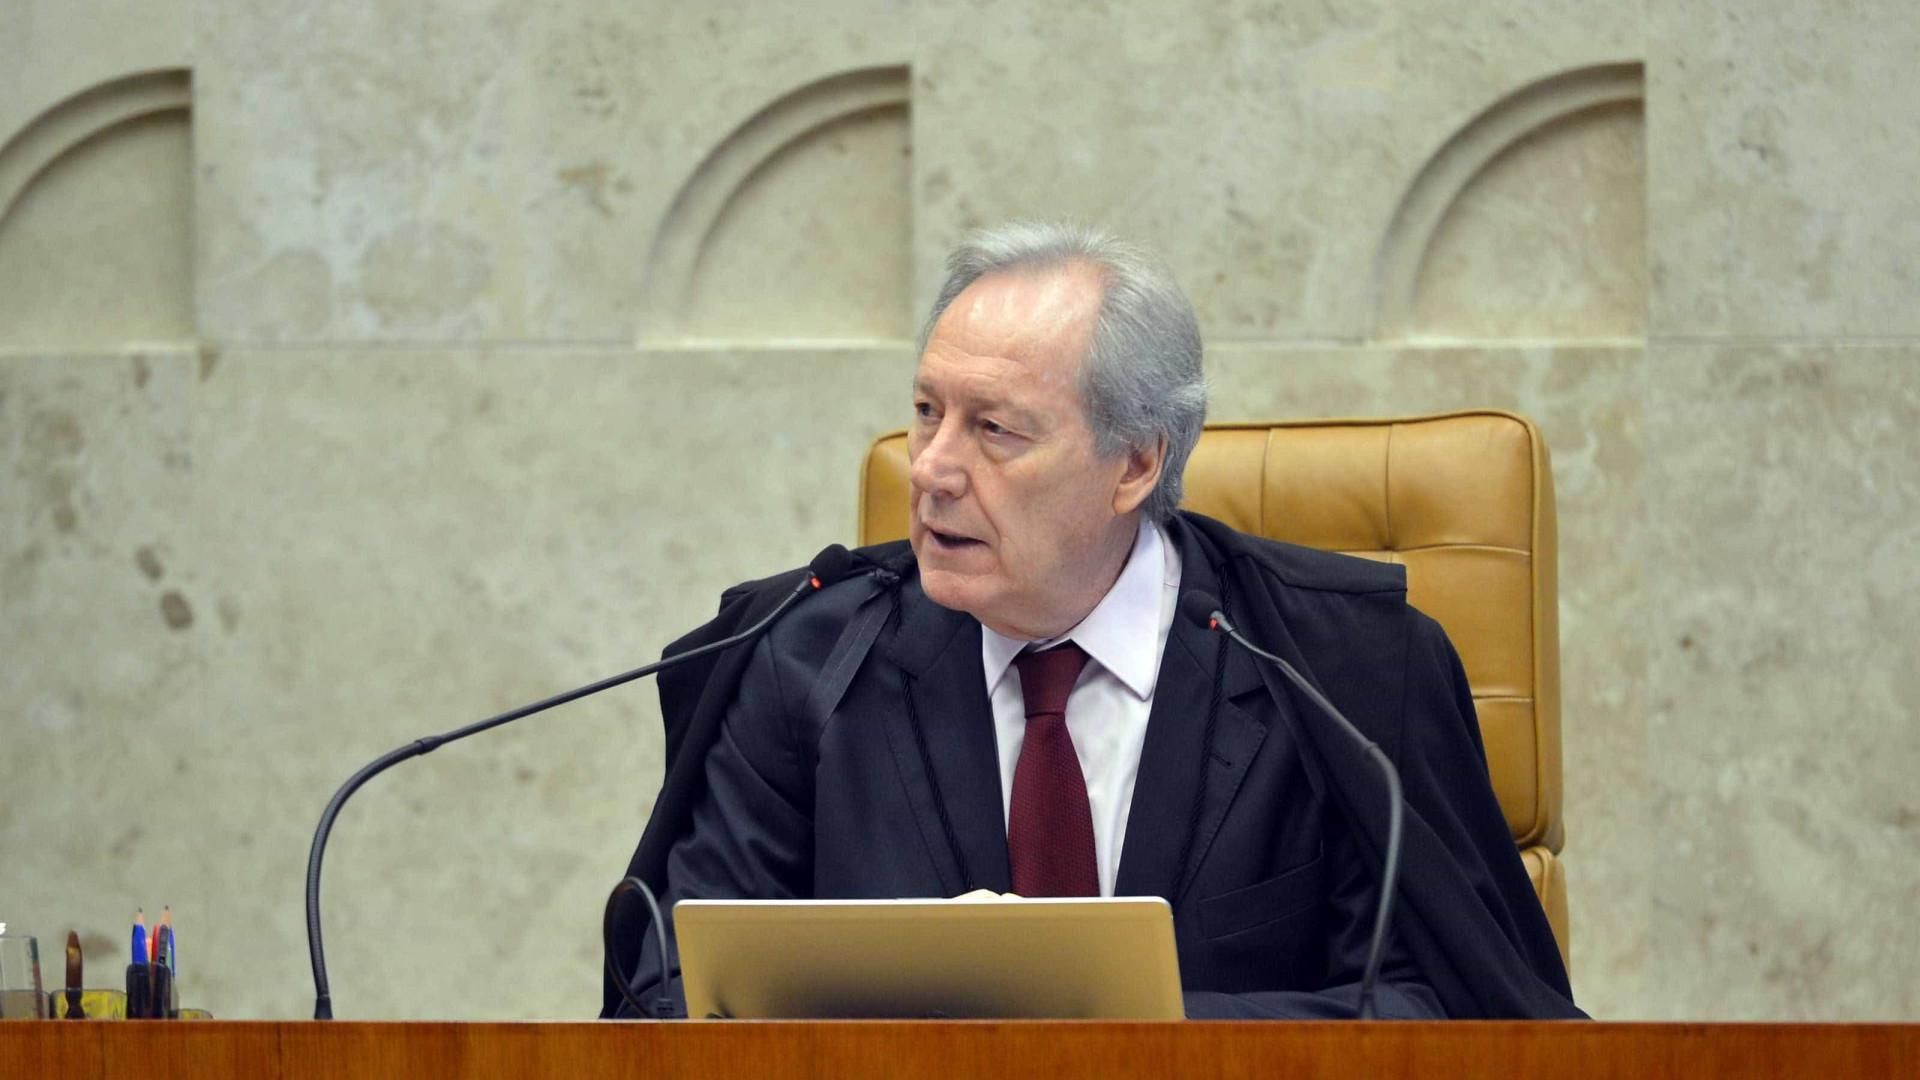 Lewandowski é contra afastamento de parlamentares sem aval do Congresso